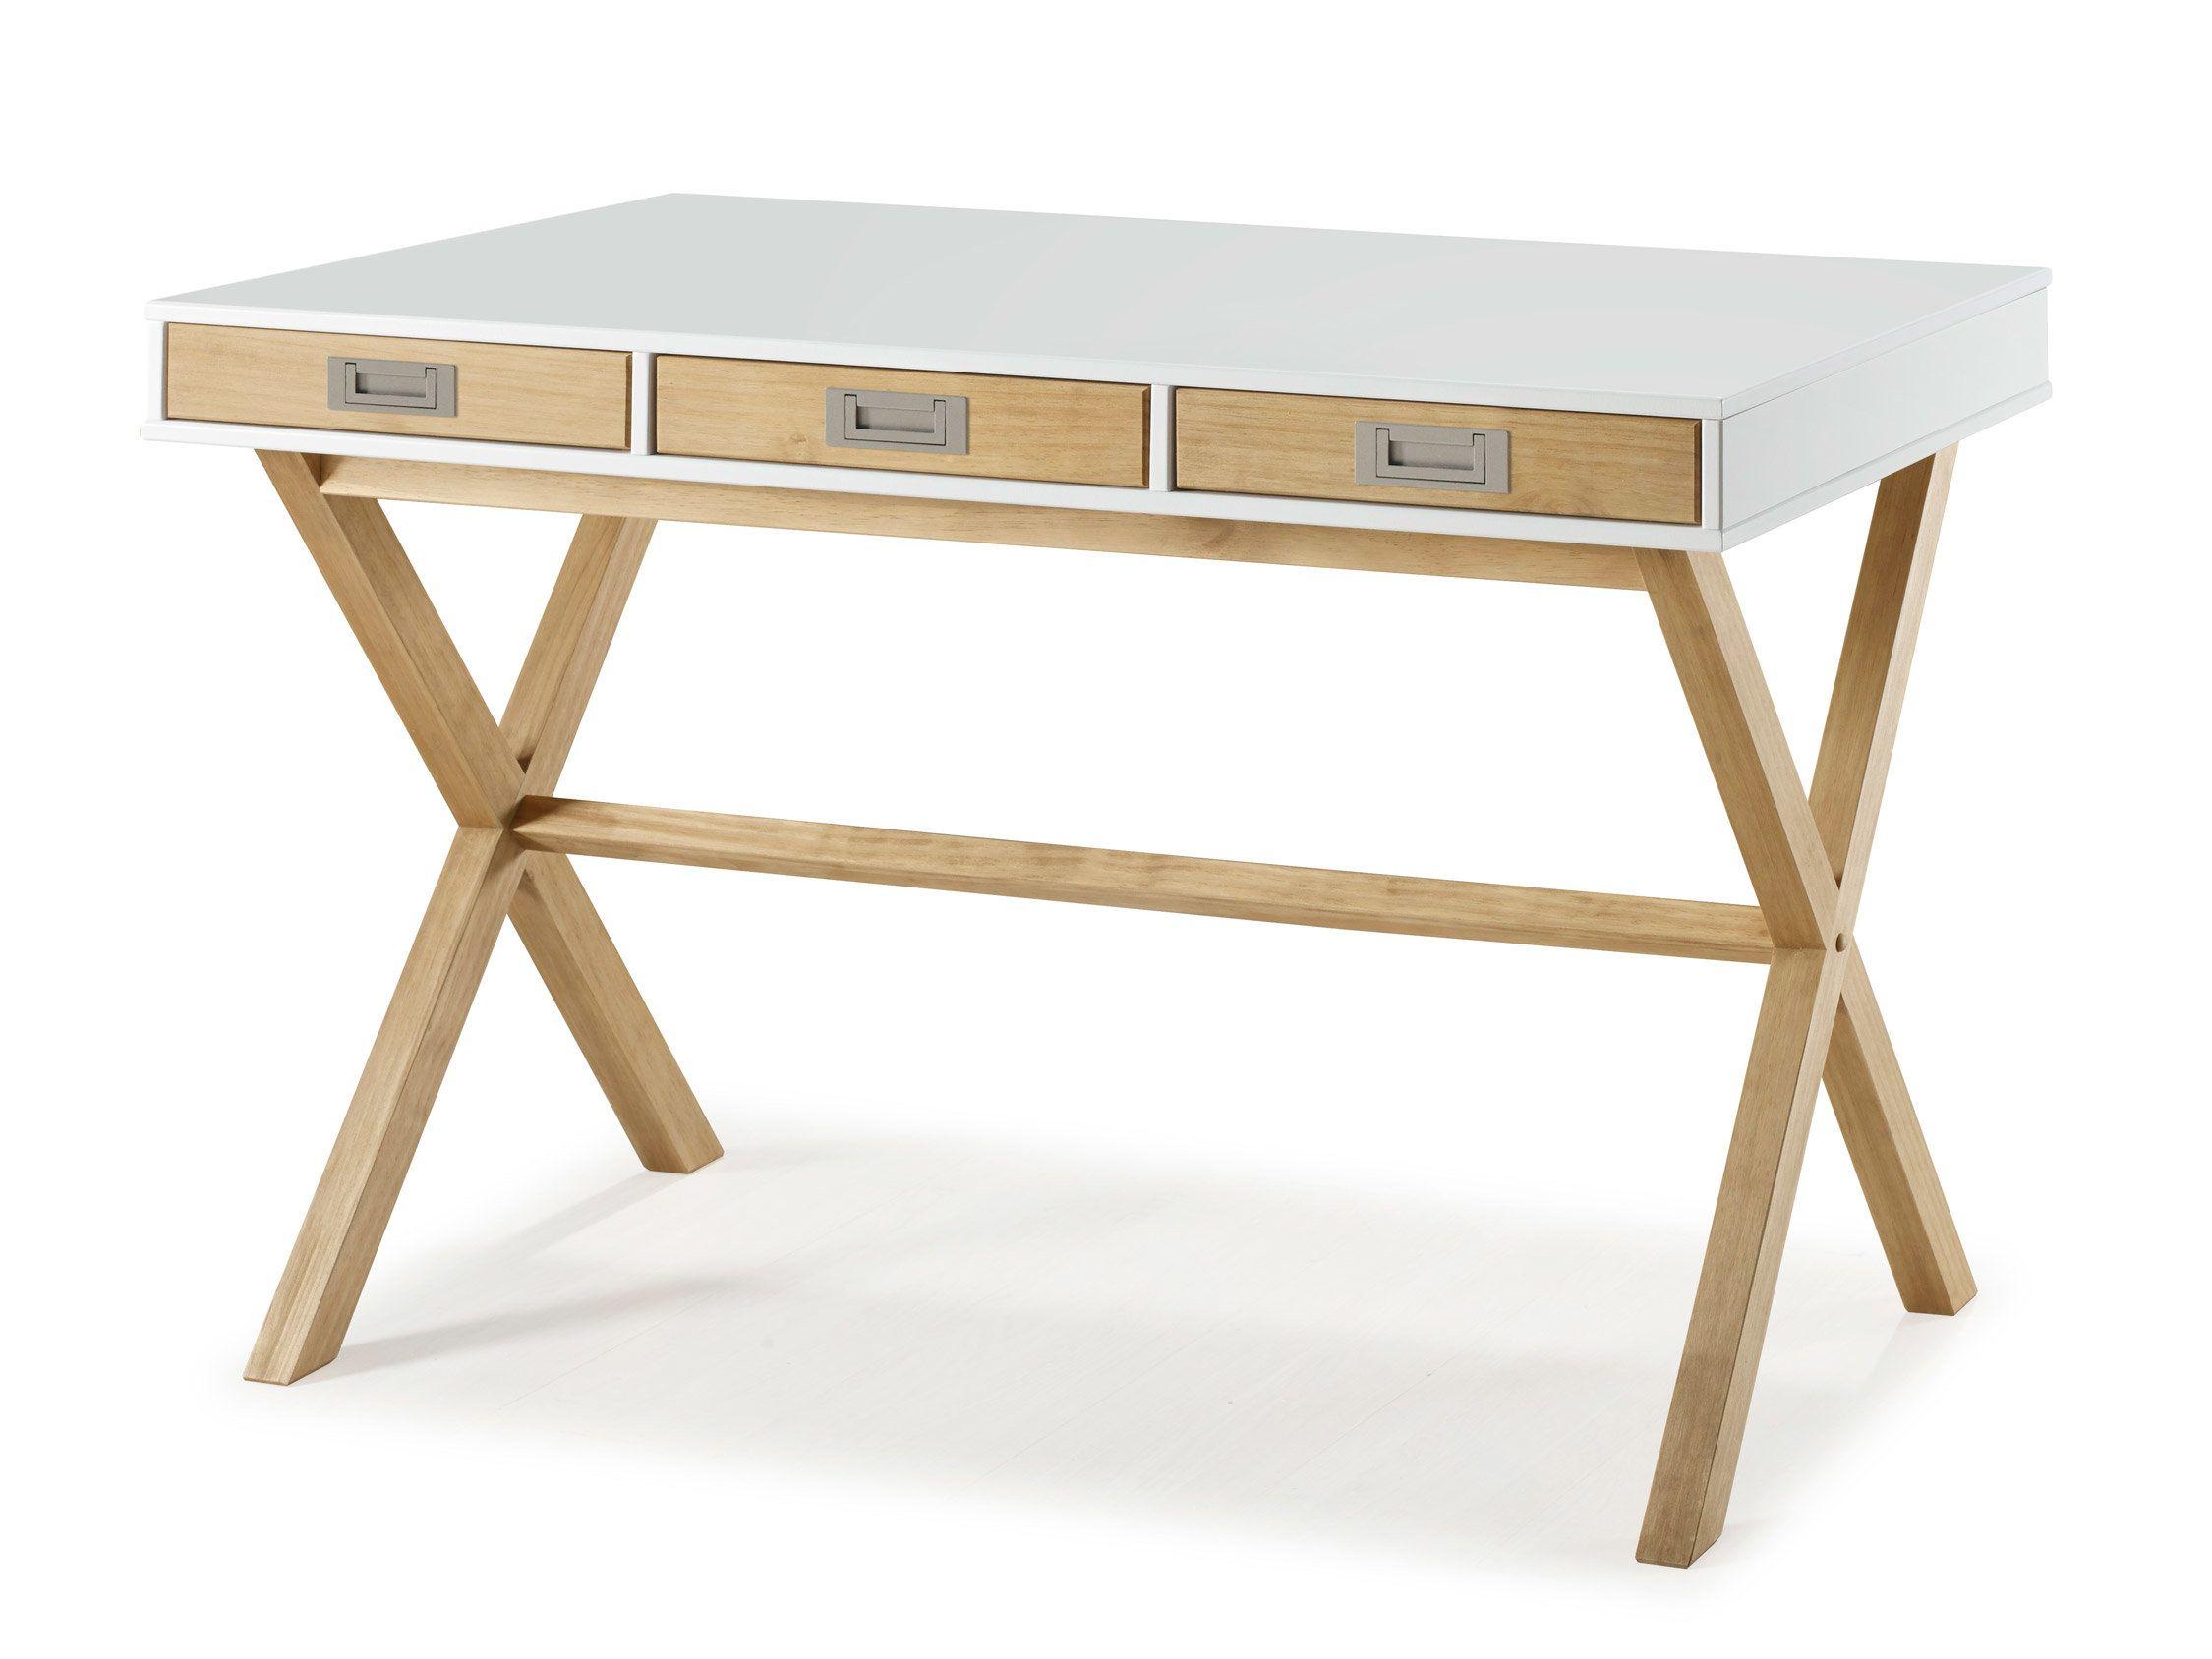 Mbu3475031 0403 2250 p00 bureau tiroirs bois laque blanc mat l120